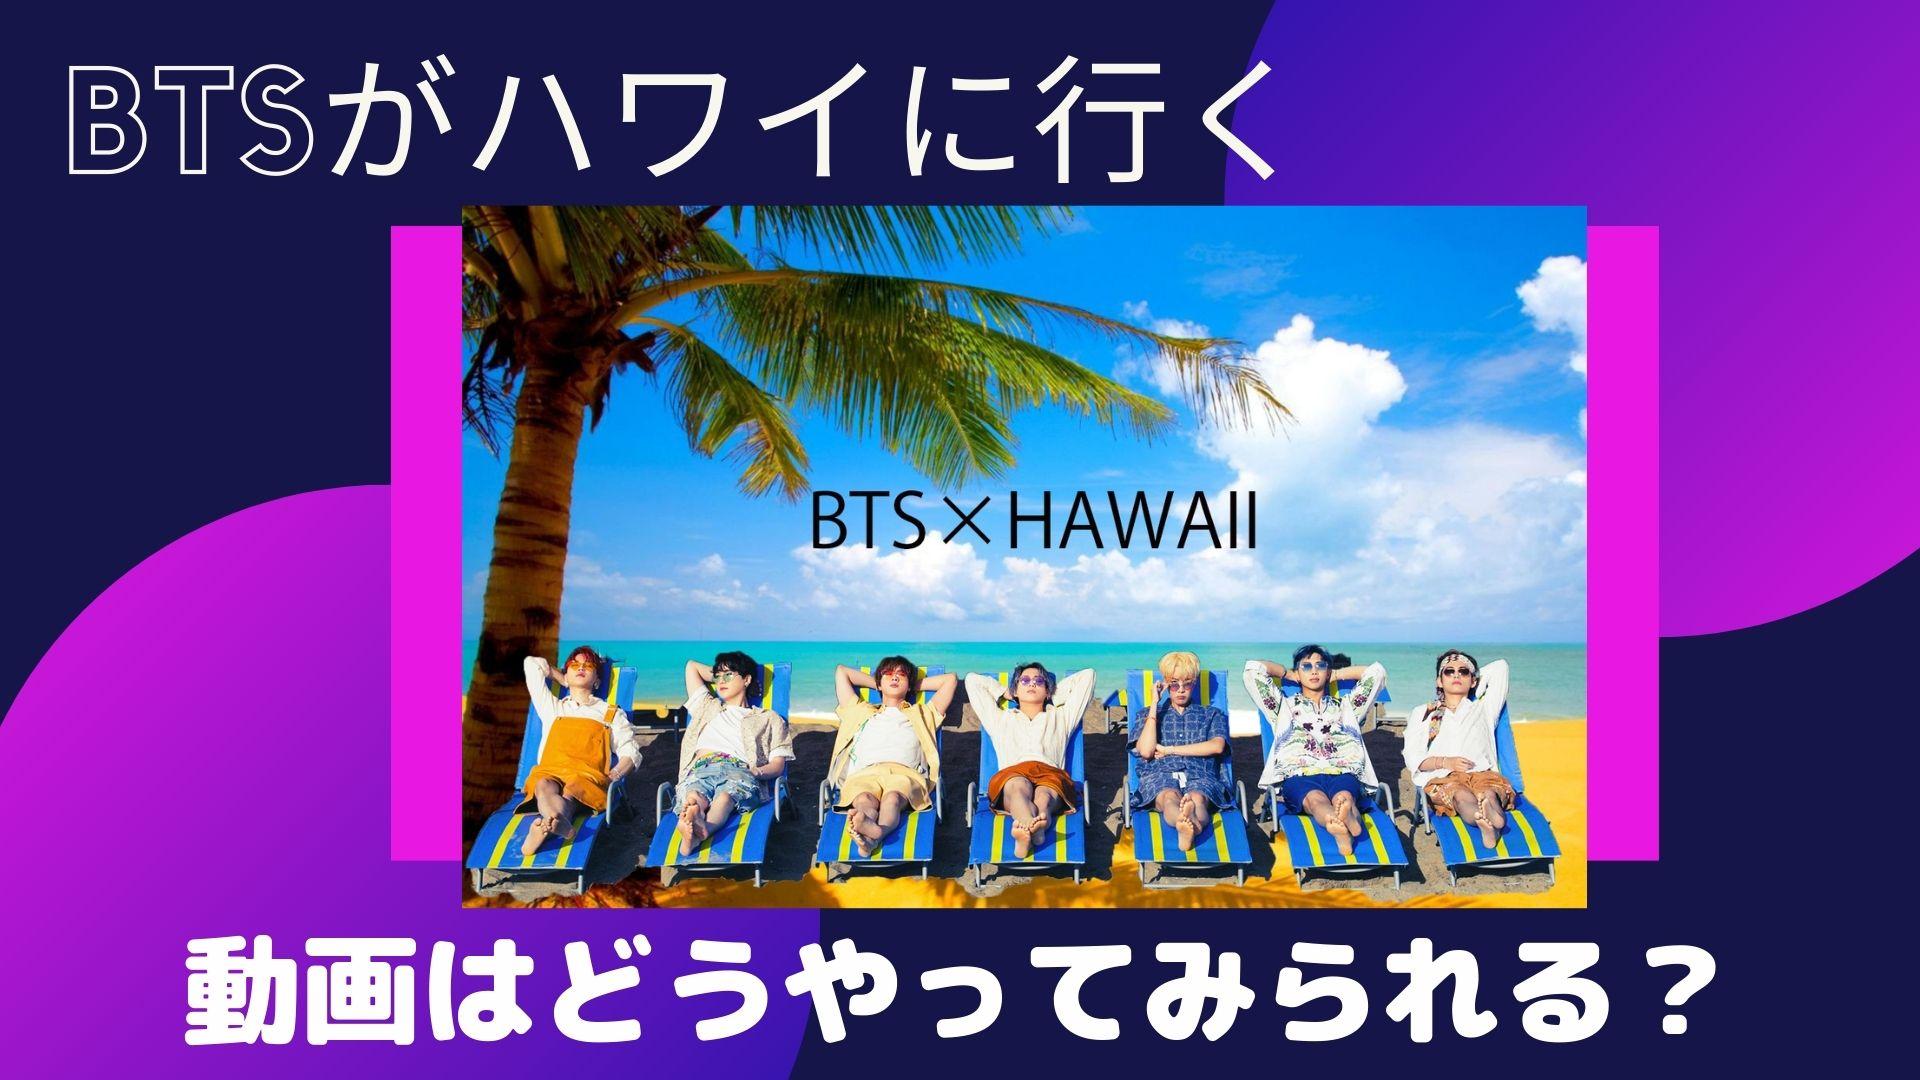 BTSがハワイに来た話